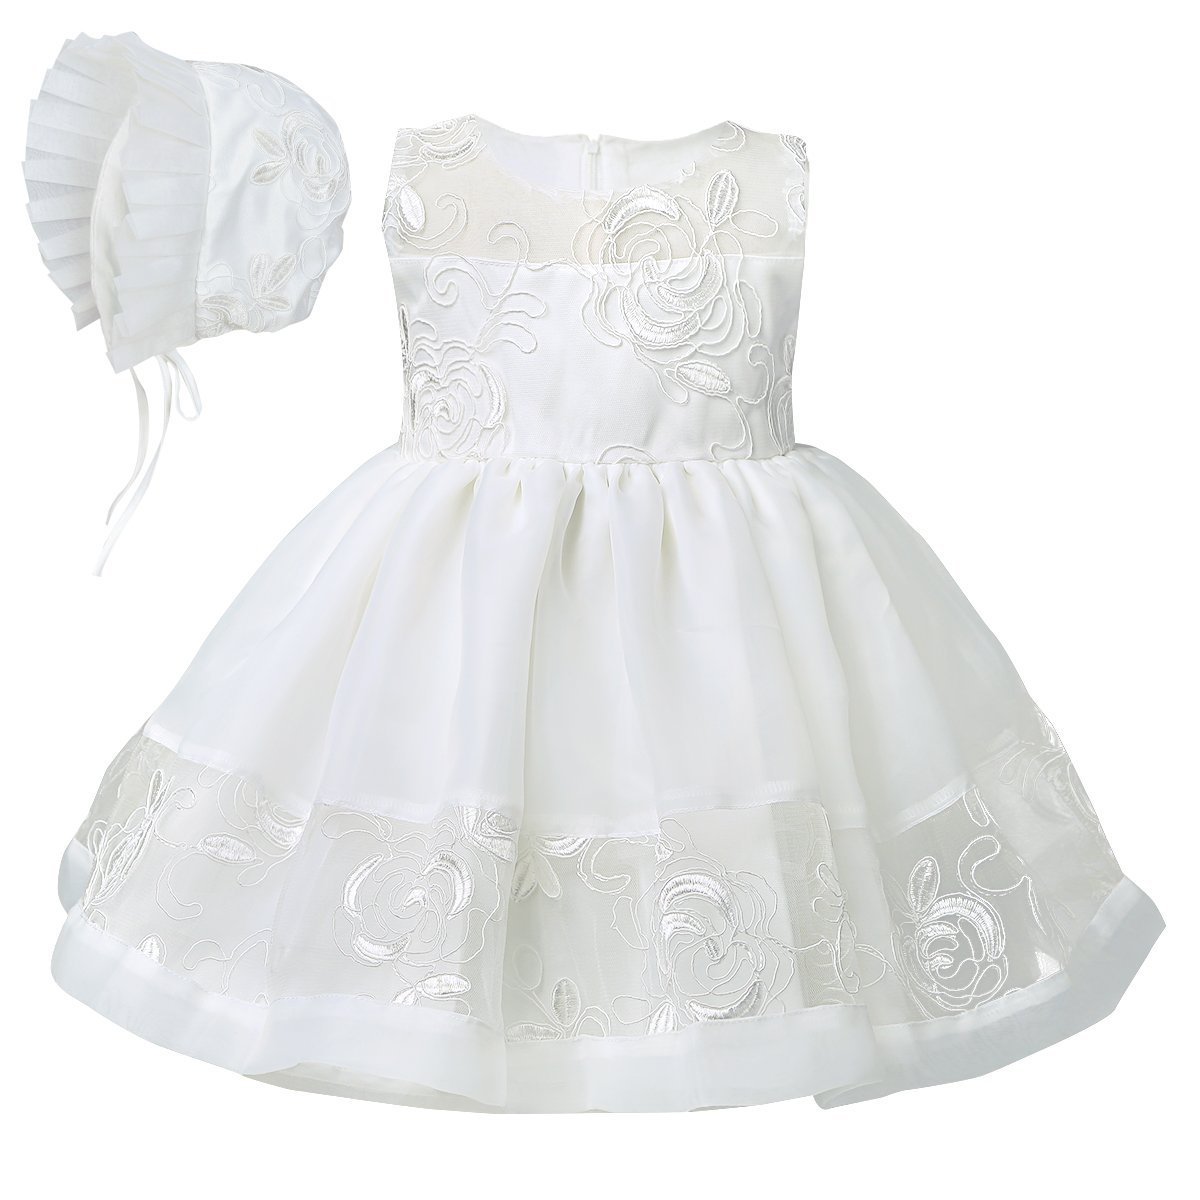 iEFiEL Vestido Bordado Blanco de Bautizo Boda + Gorro para Bebé Niña Recién Nacido Disfraz de